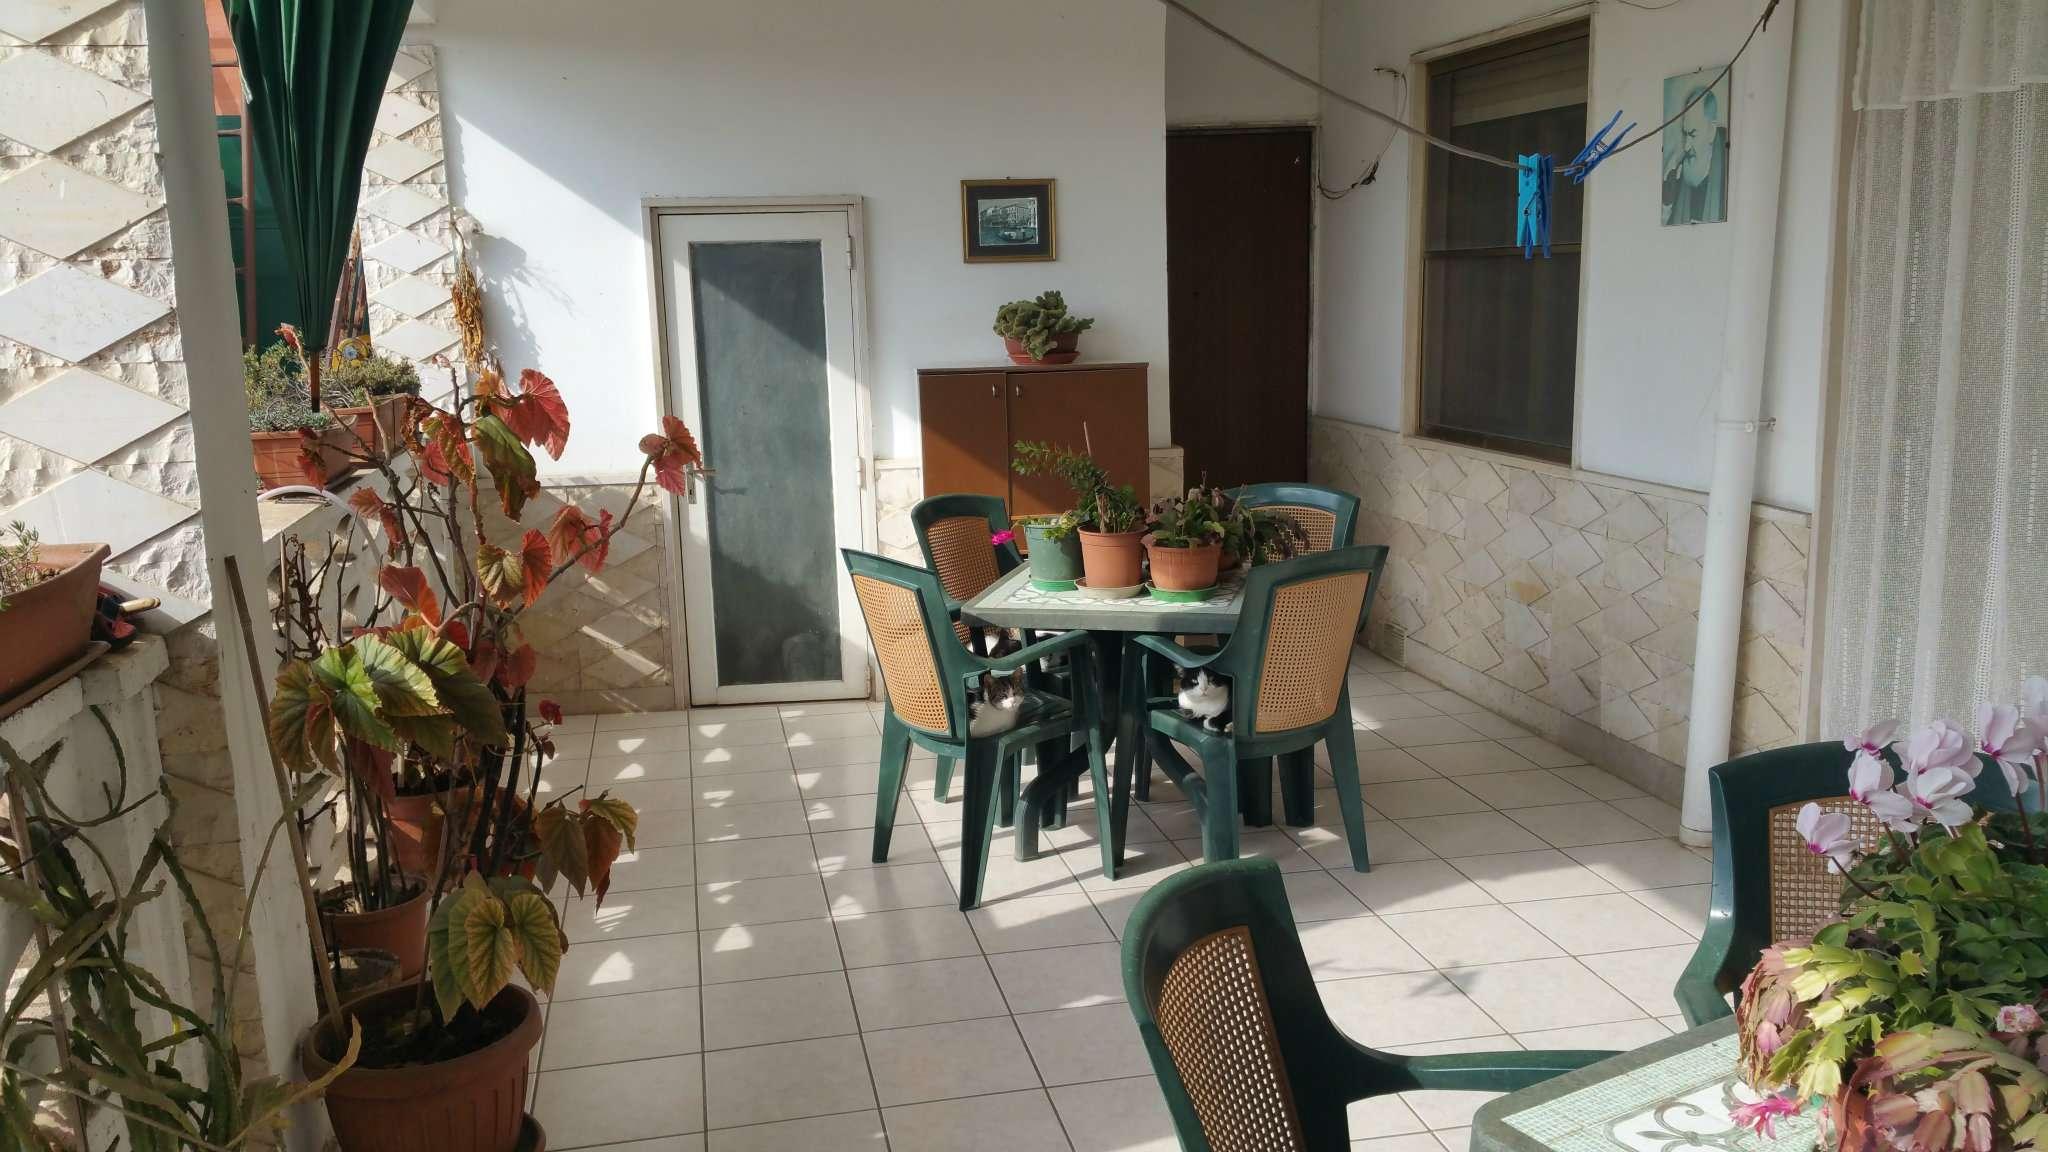 Villa in vendita a Bisceglie, 4 locali, prezzo € 155.000 | Cambio Casa.it